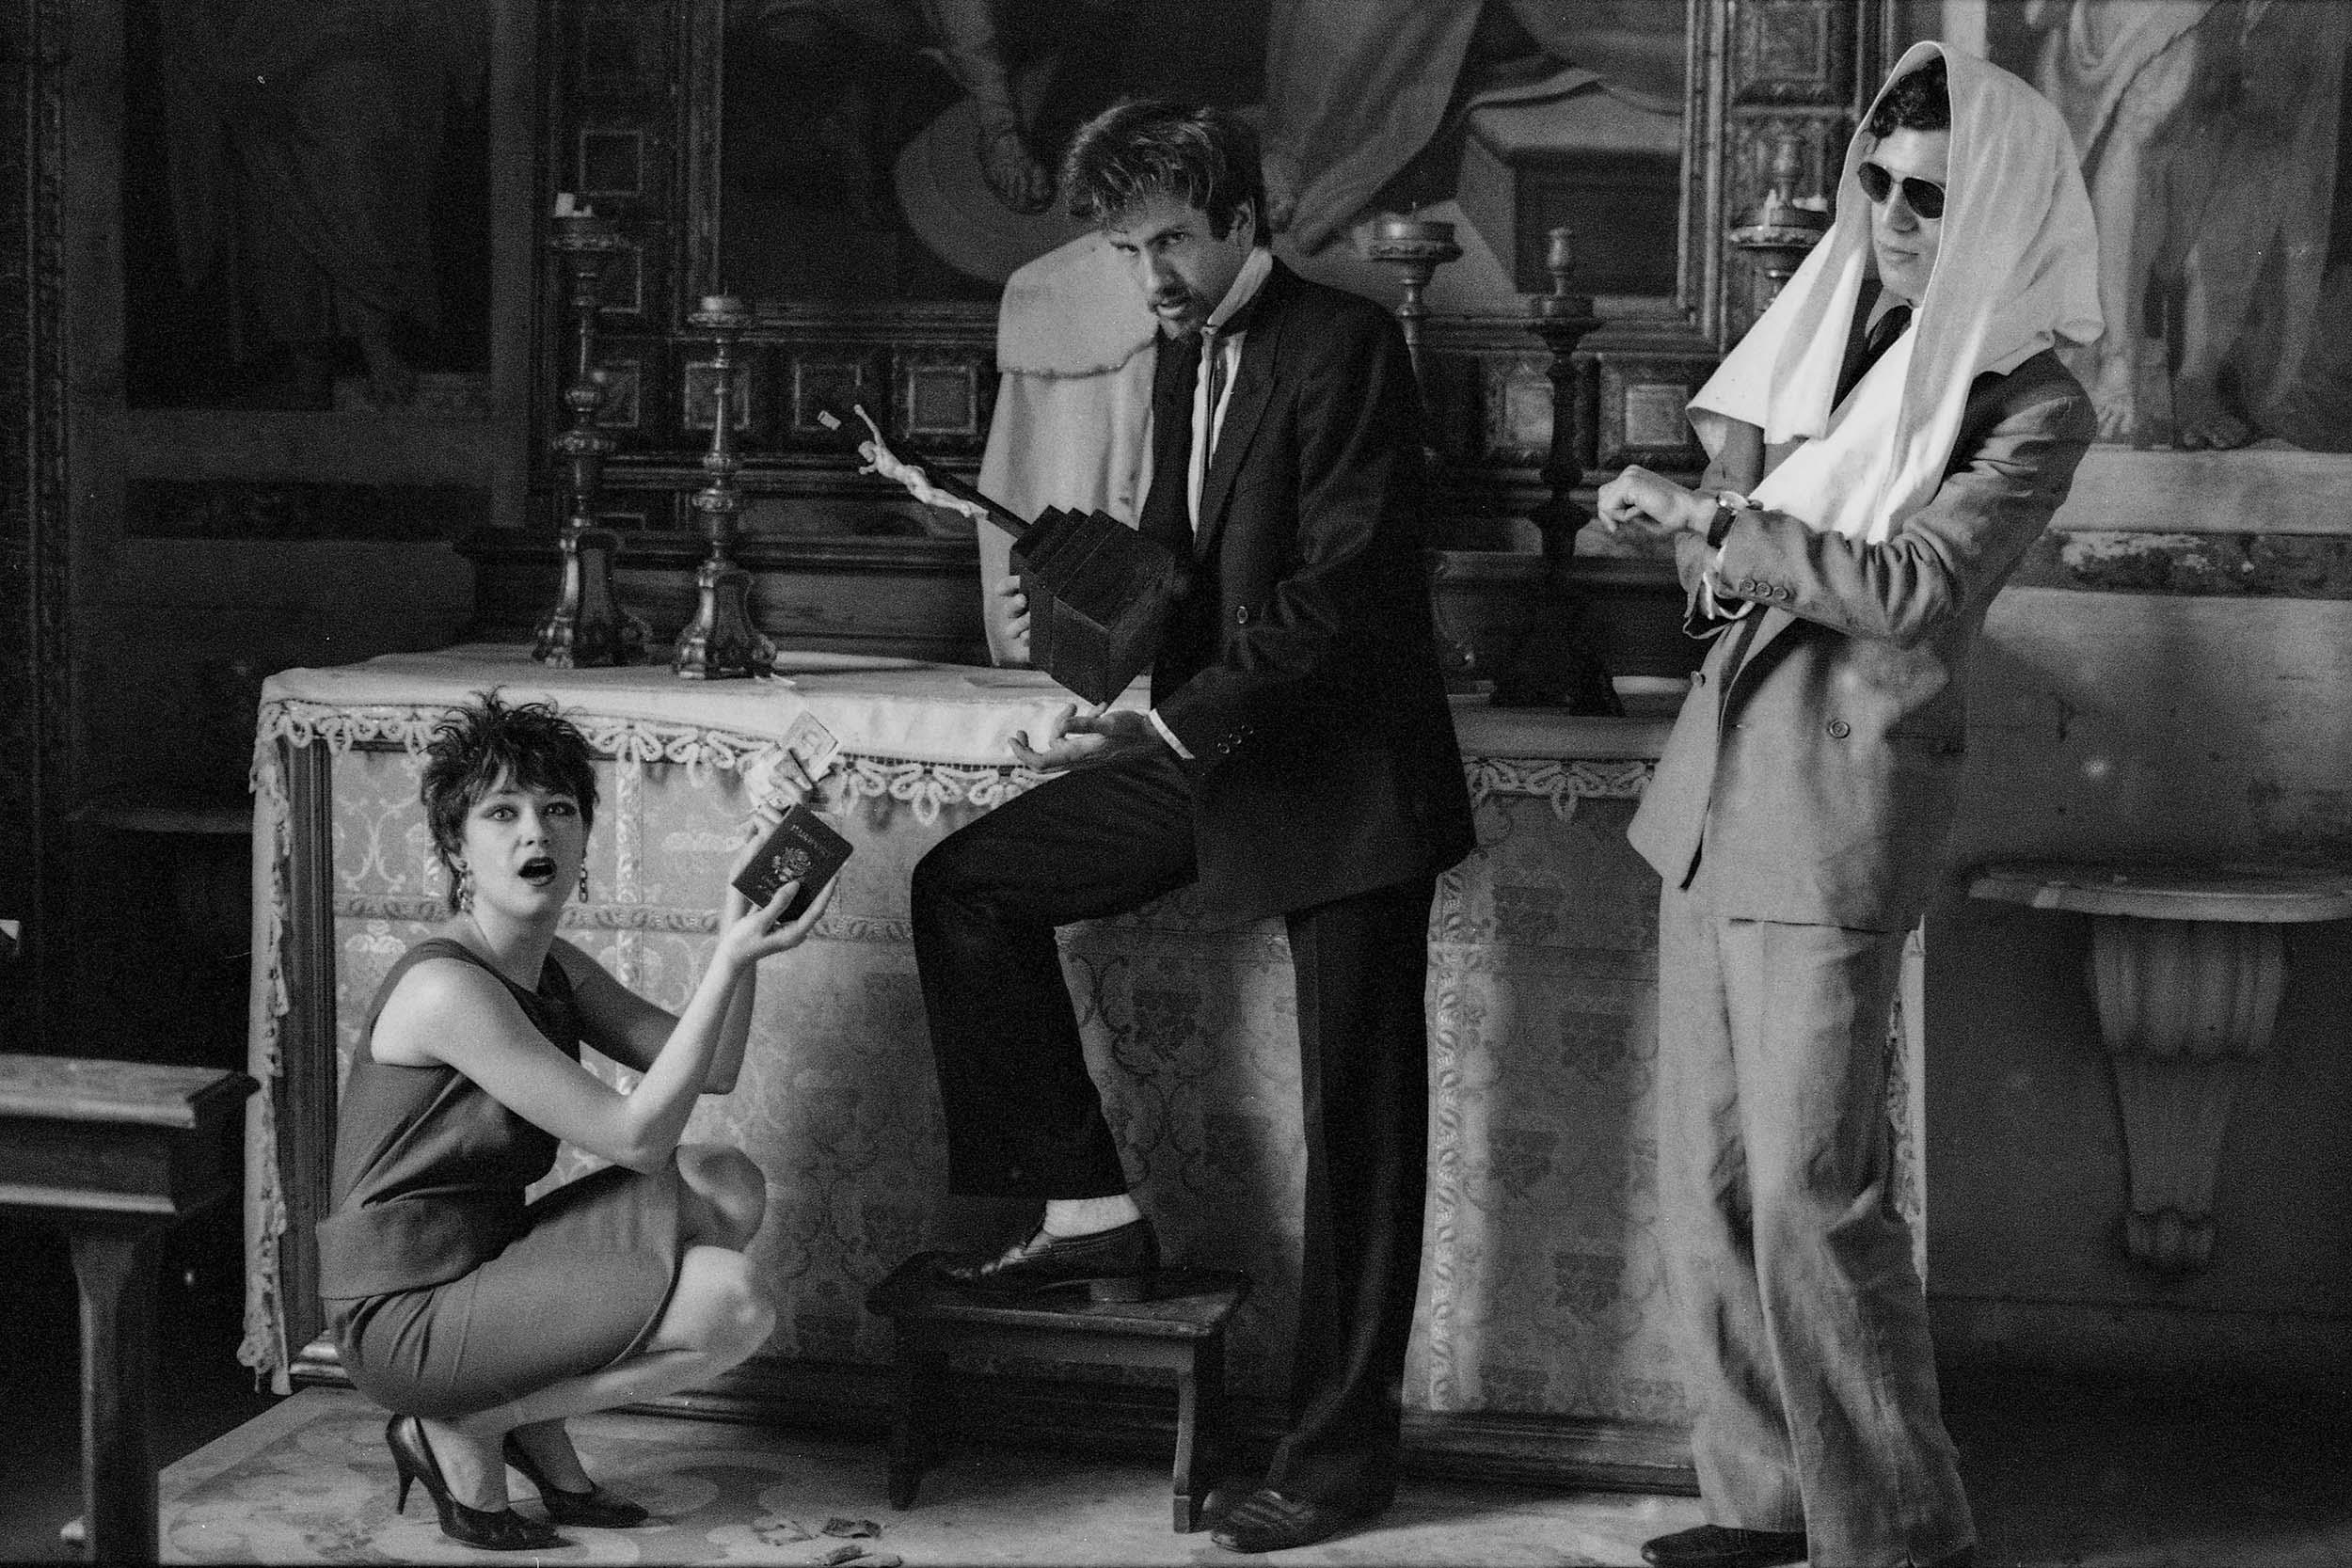 Scatto di Daniela Facchinato con Anne Magnuson, Kenny Scharf e Stanley Strychacki a Villa Guastavillani nel 1980